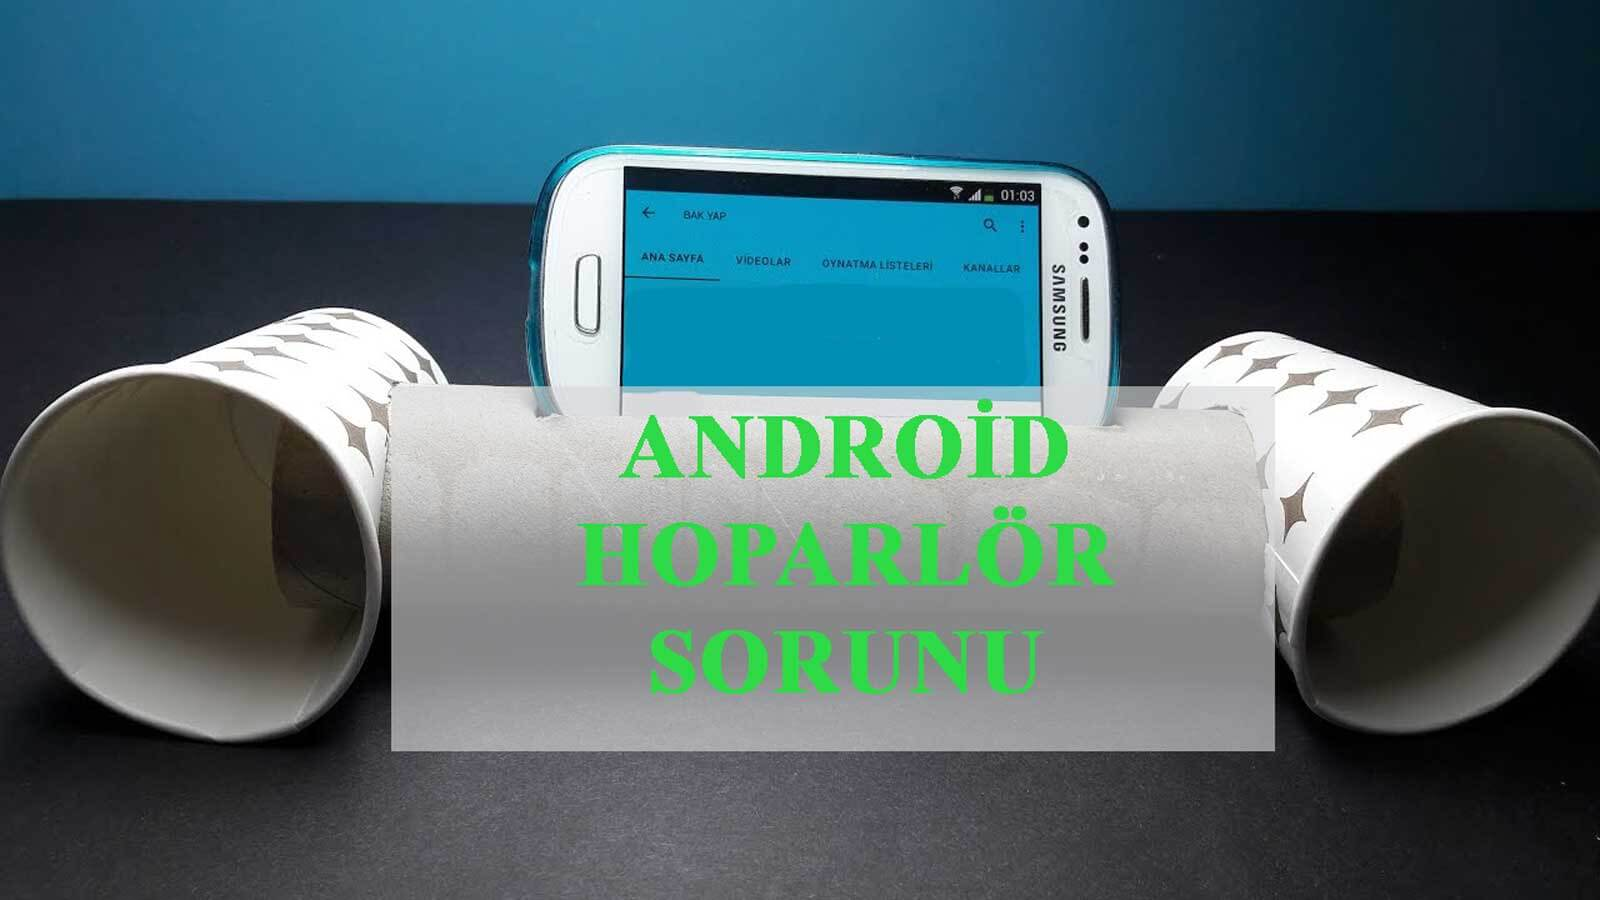 Android ses sorunu ses sorunu Android Ses Sorunu İçin Çözüm Adımları android hoparlor sorunu